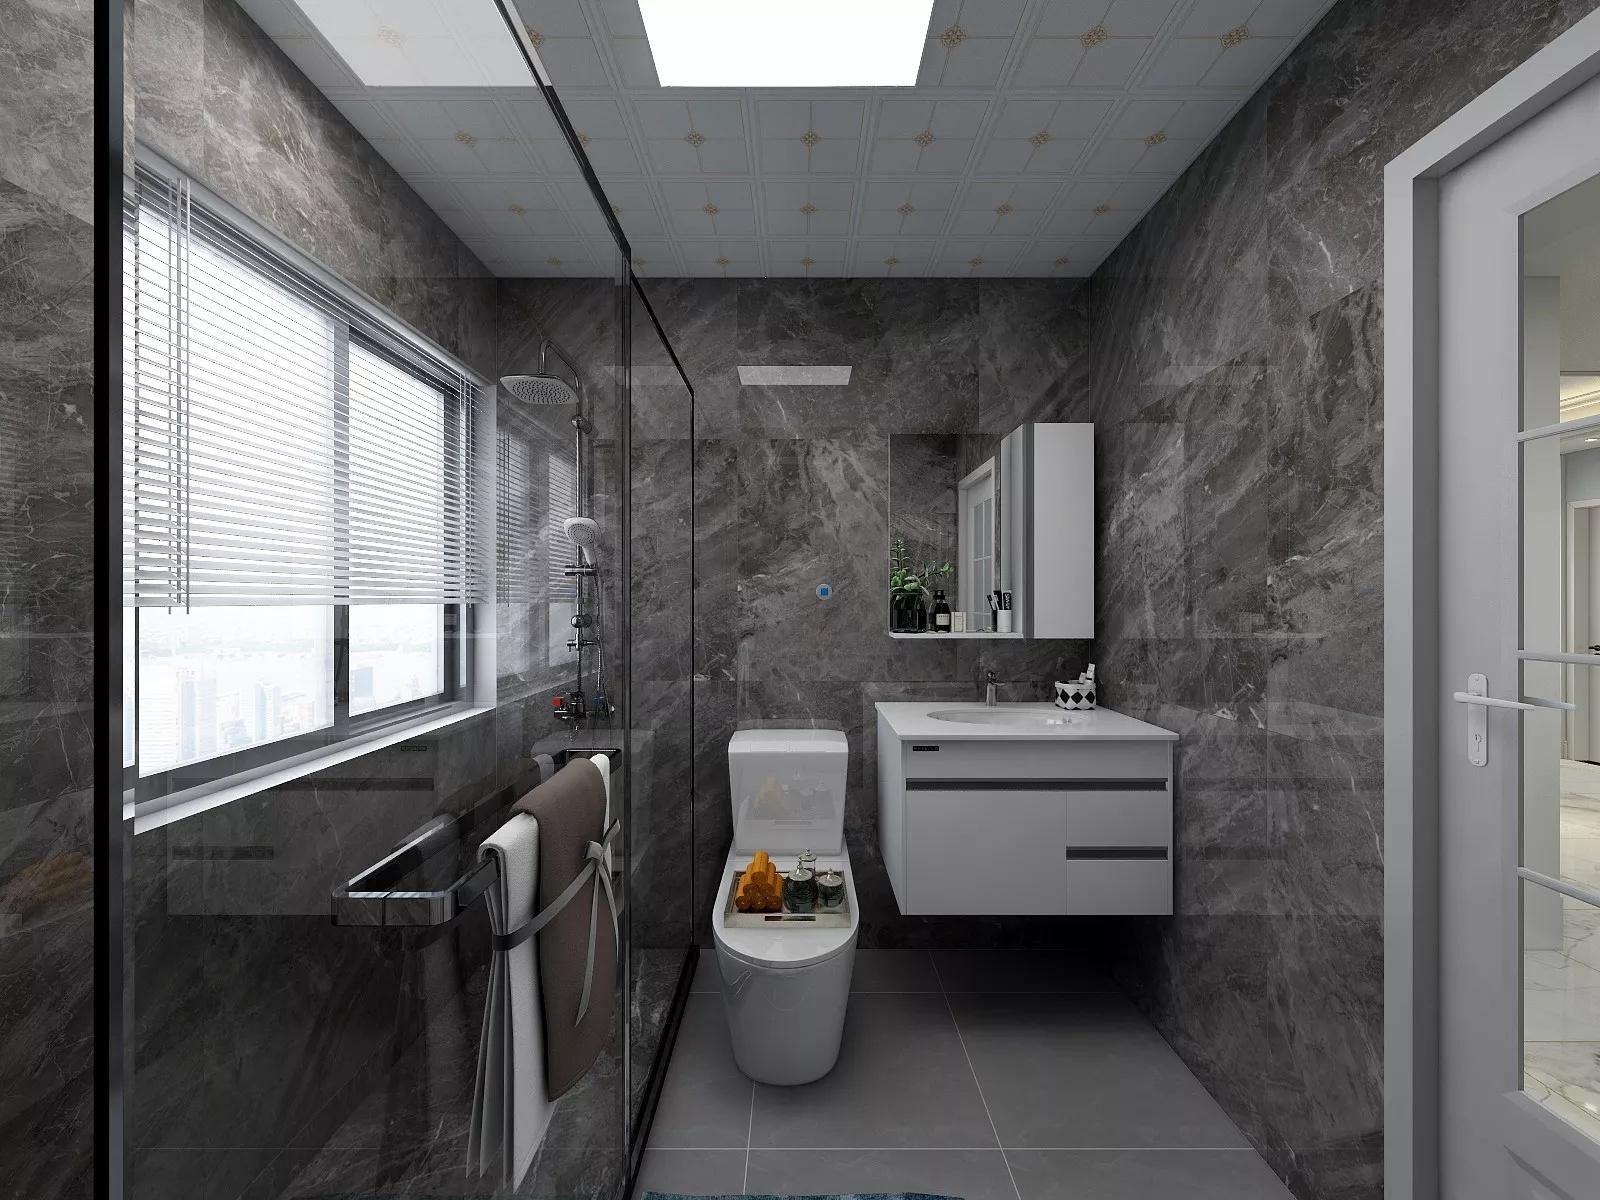 客厅错层好吗 客厅错层装修设计注意事项?